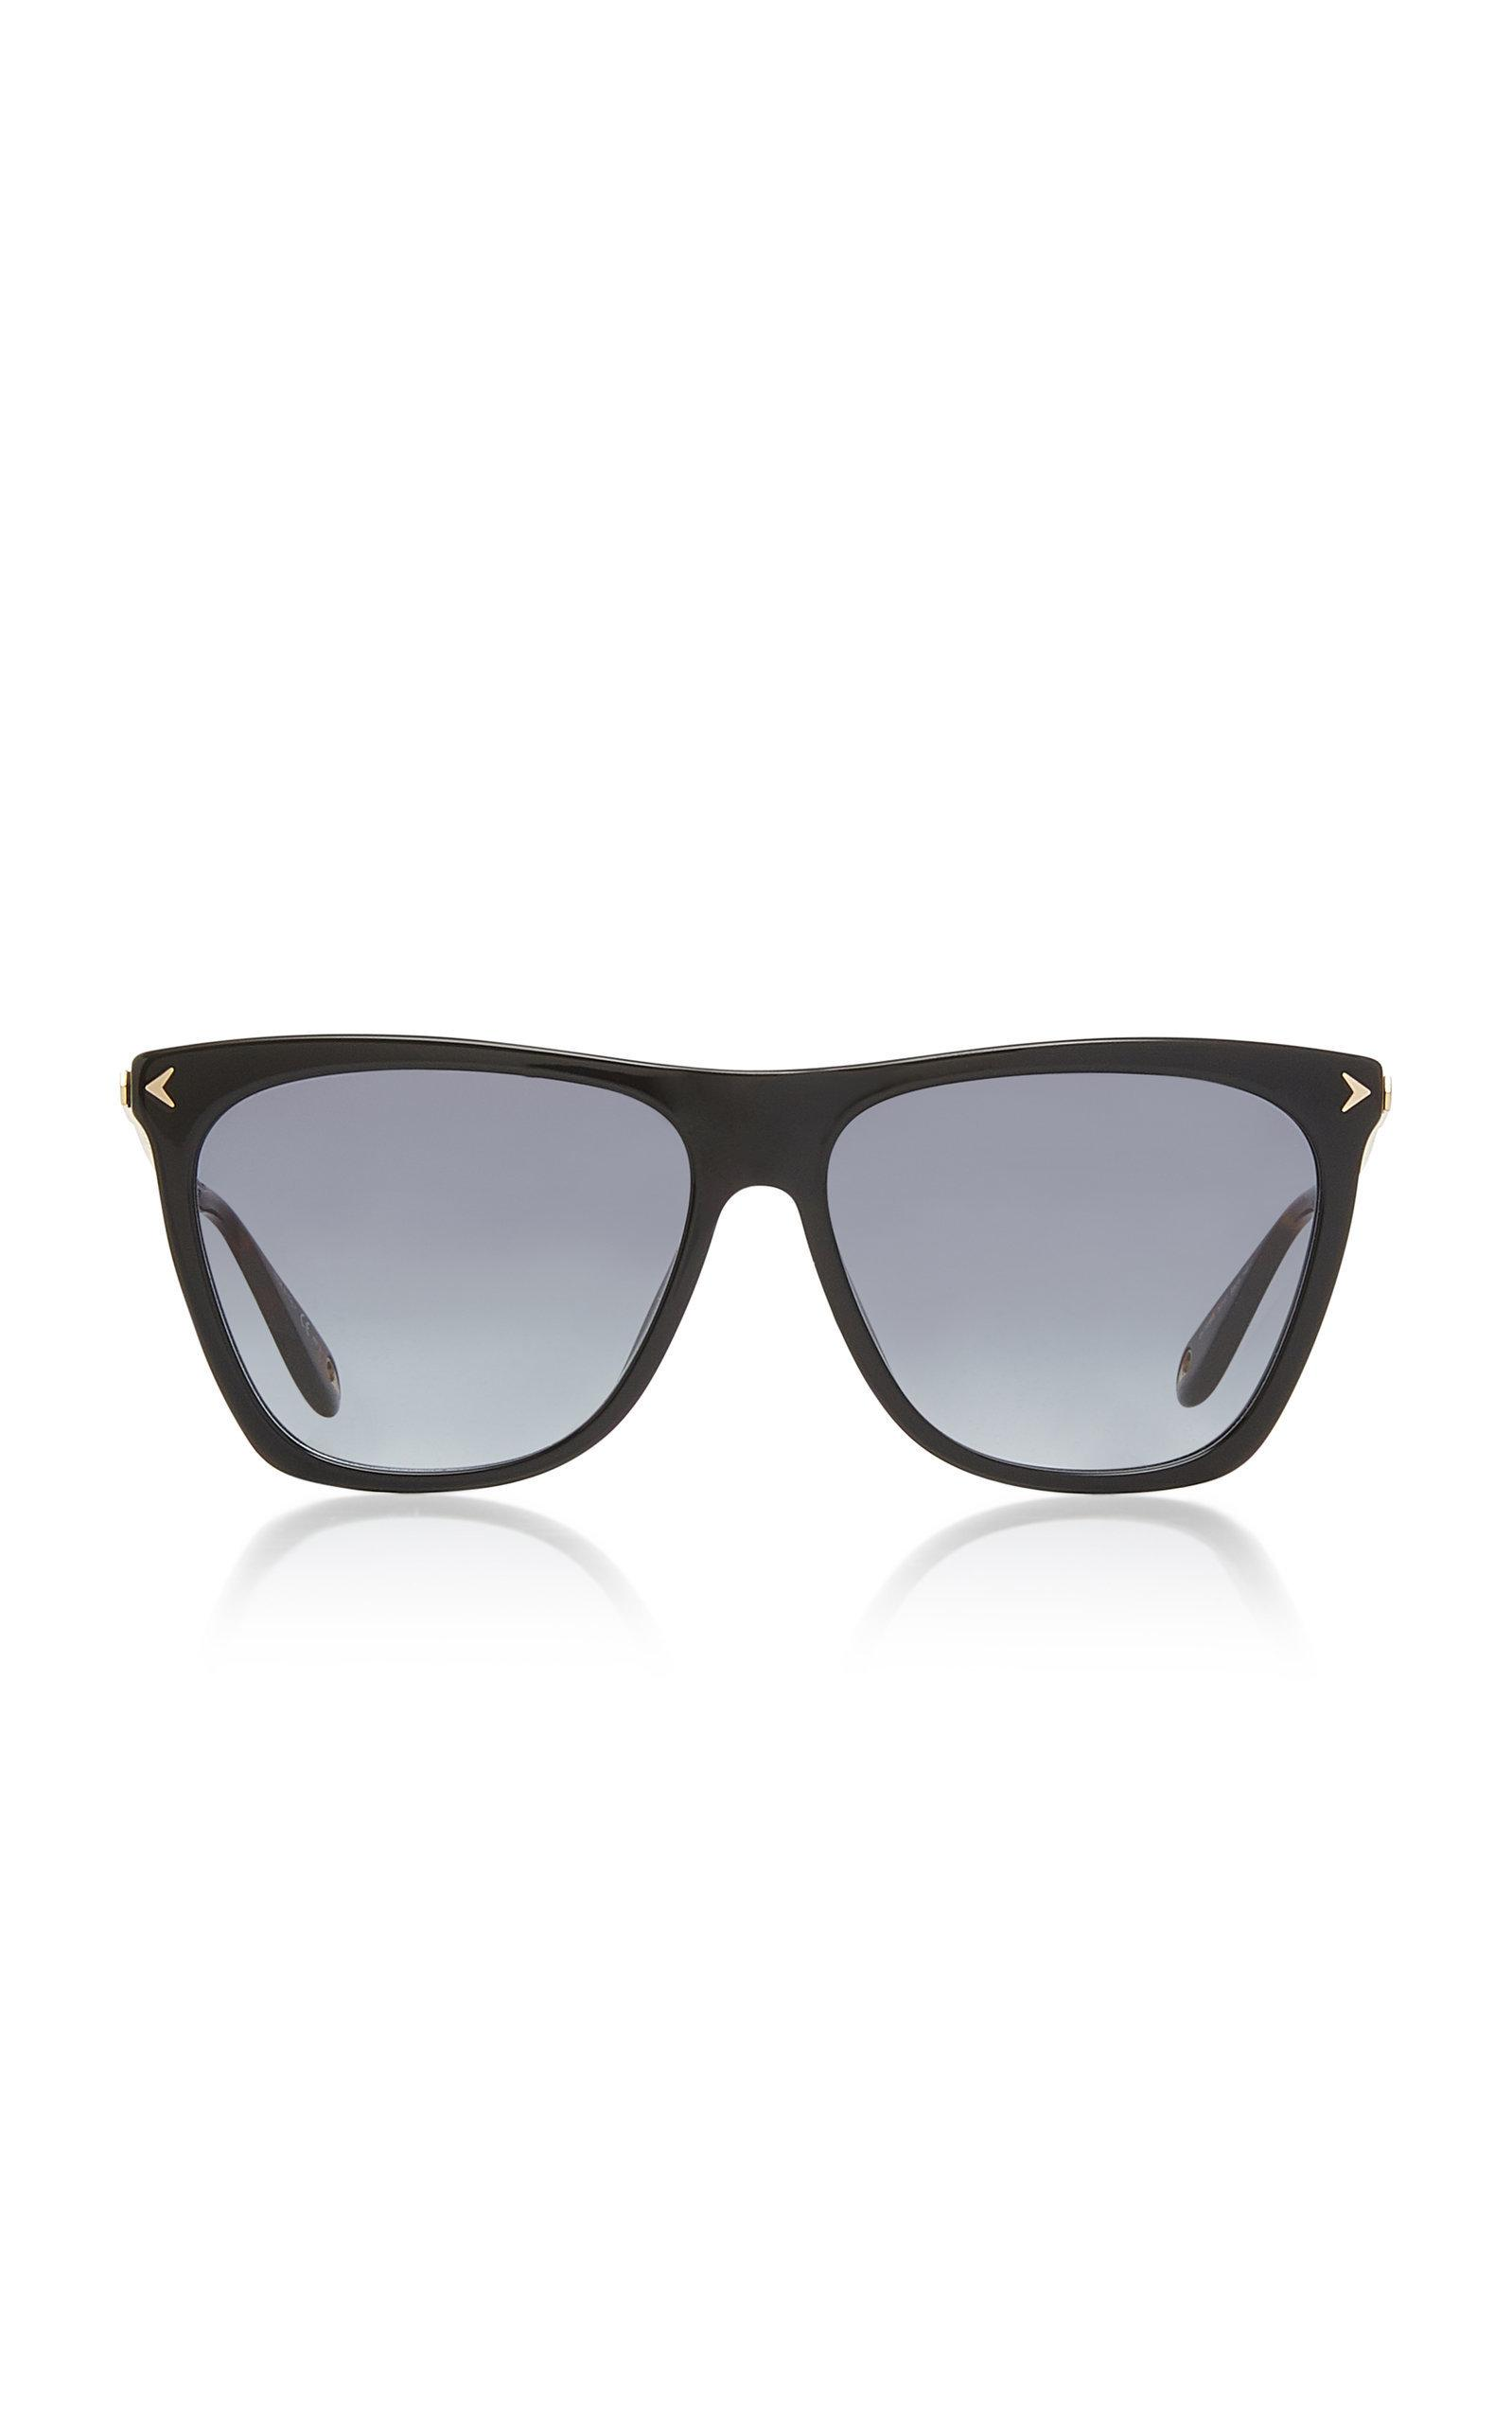 dce9e20ffa3cc Givenchy Square Acetate   Metal Gradient Sunglasses In Black